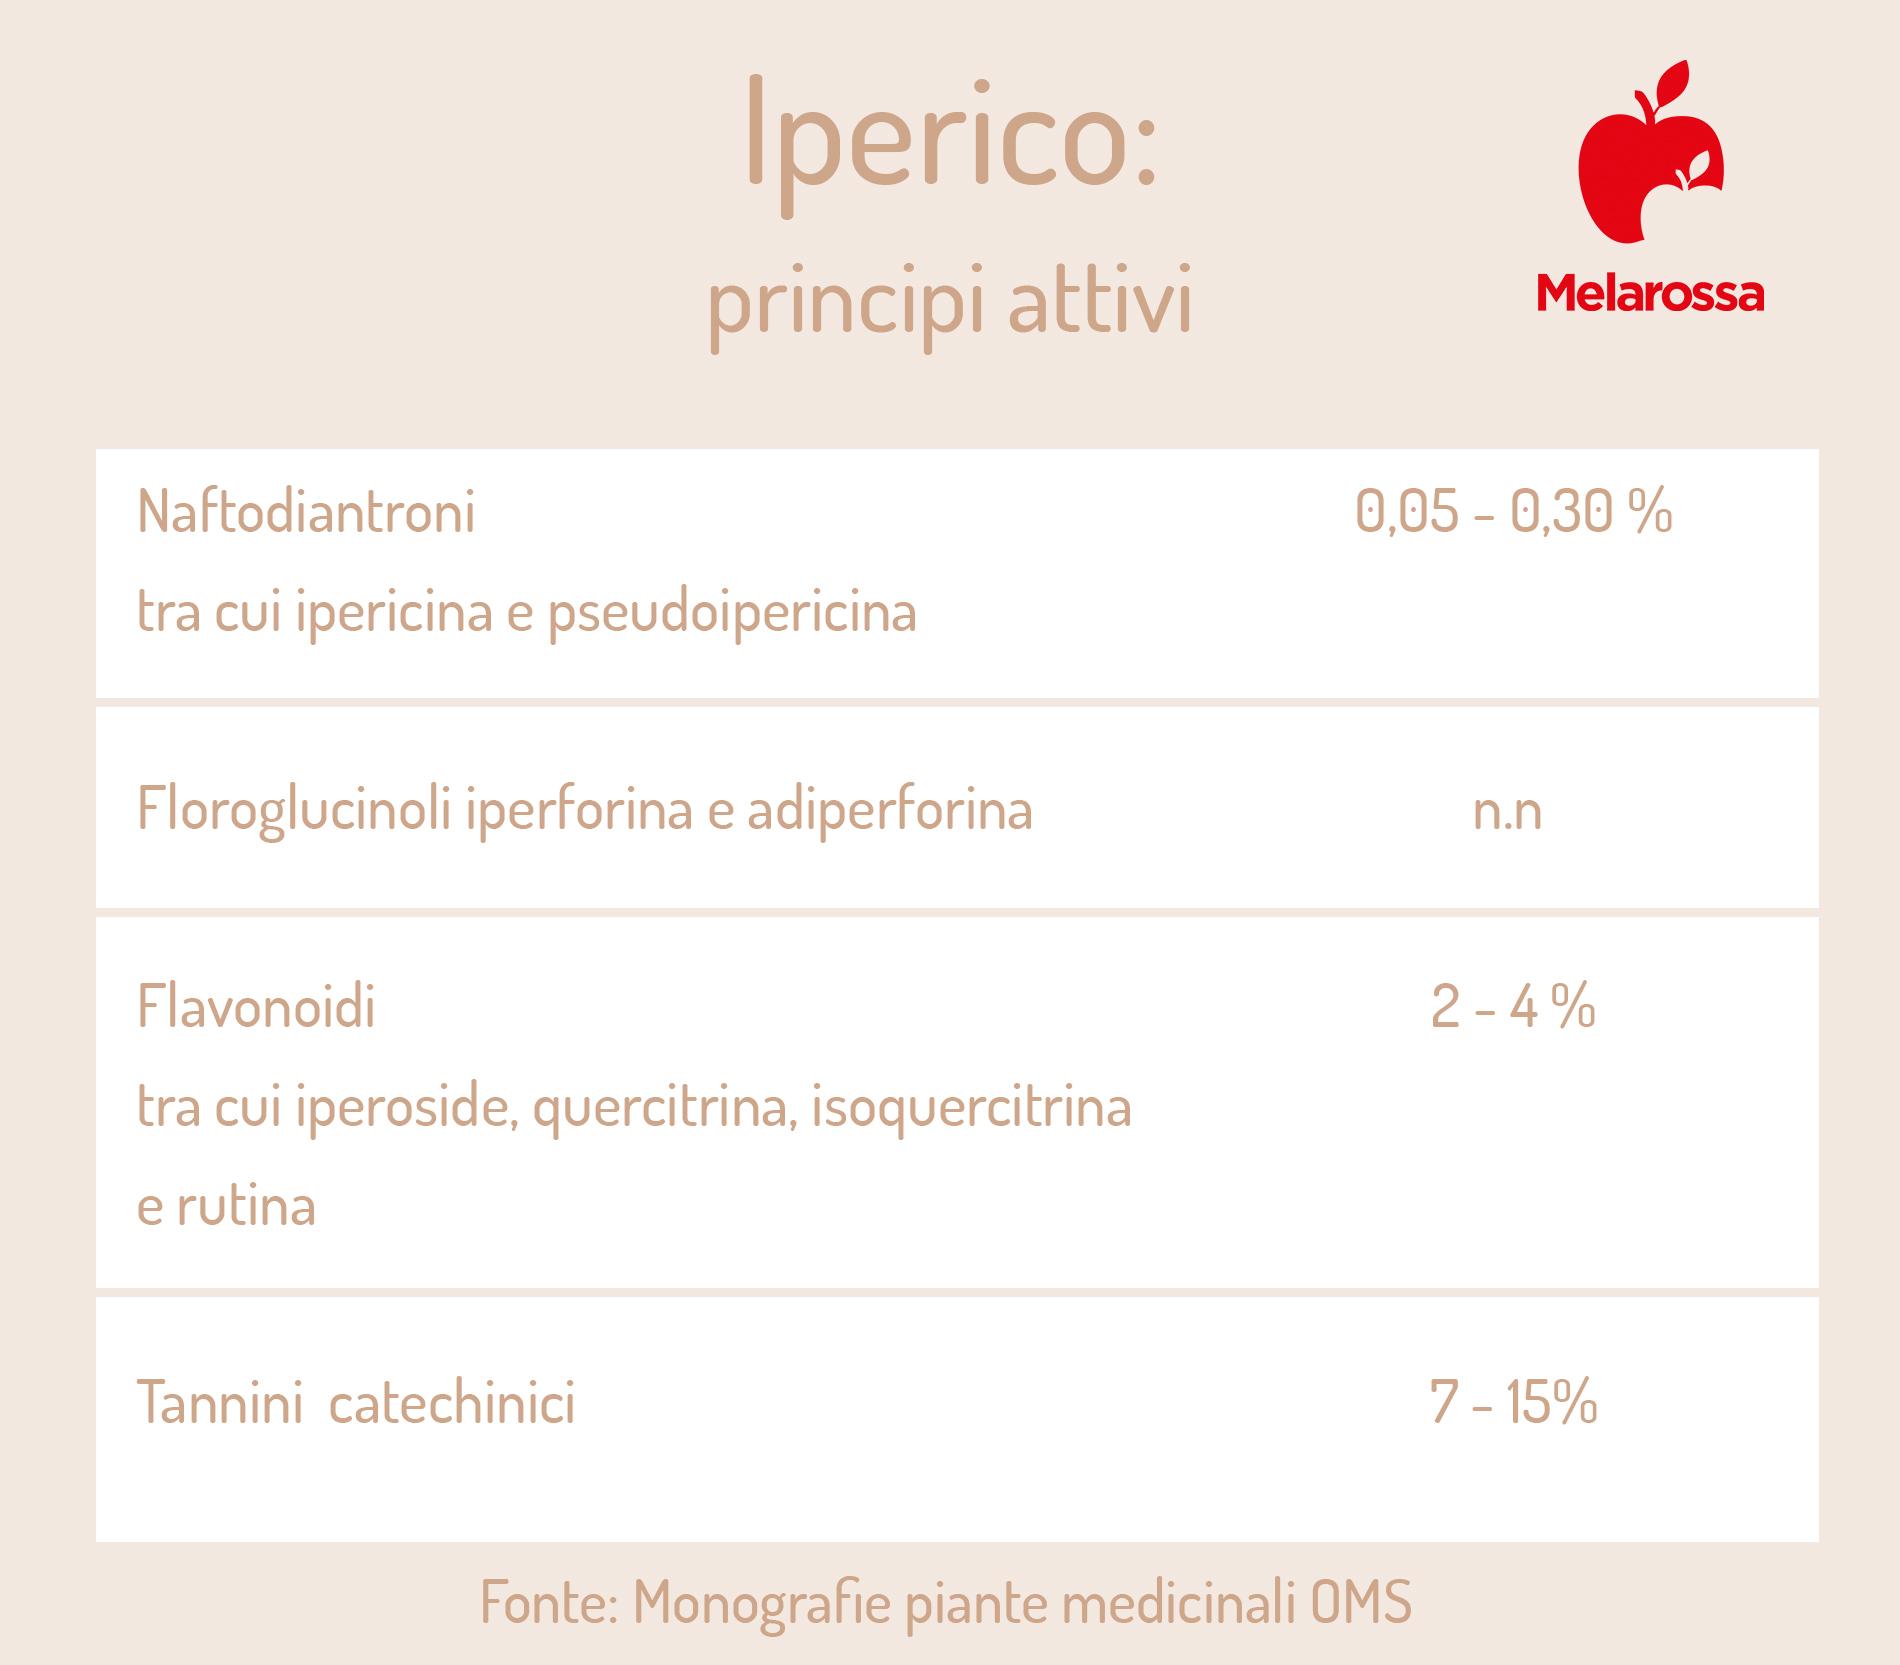 iperico: principi attivi